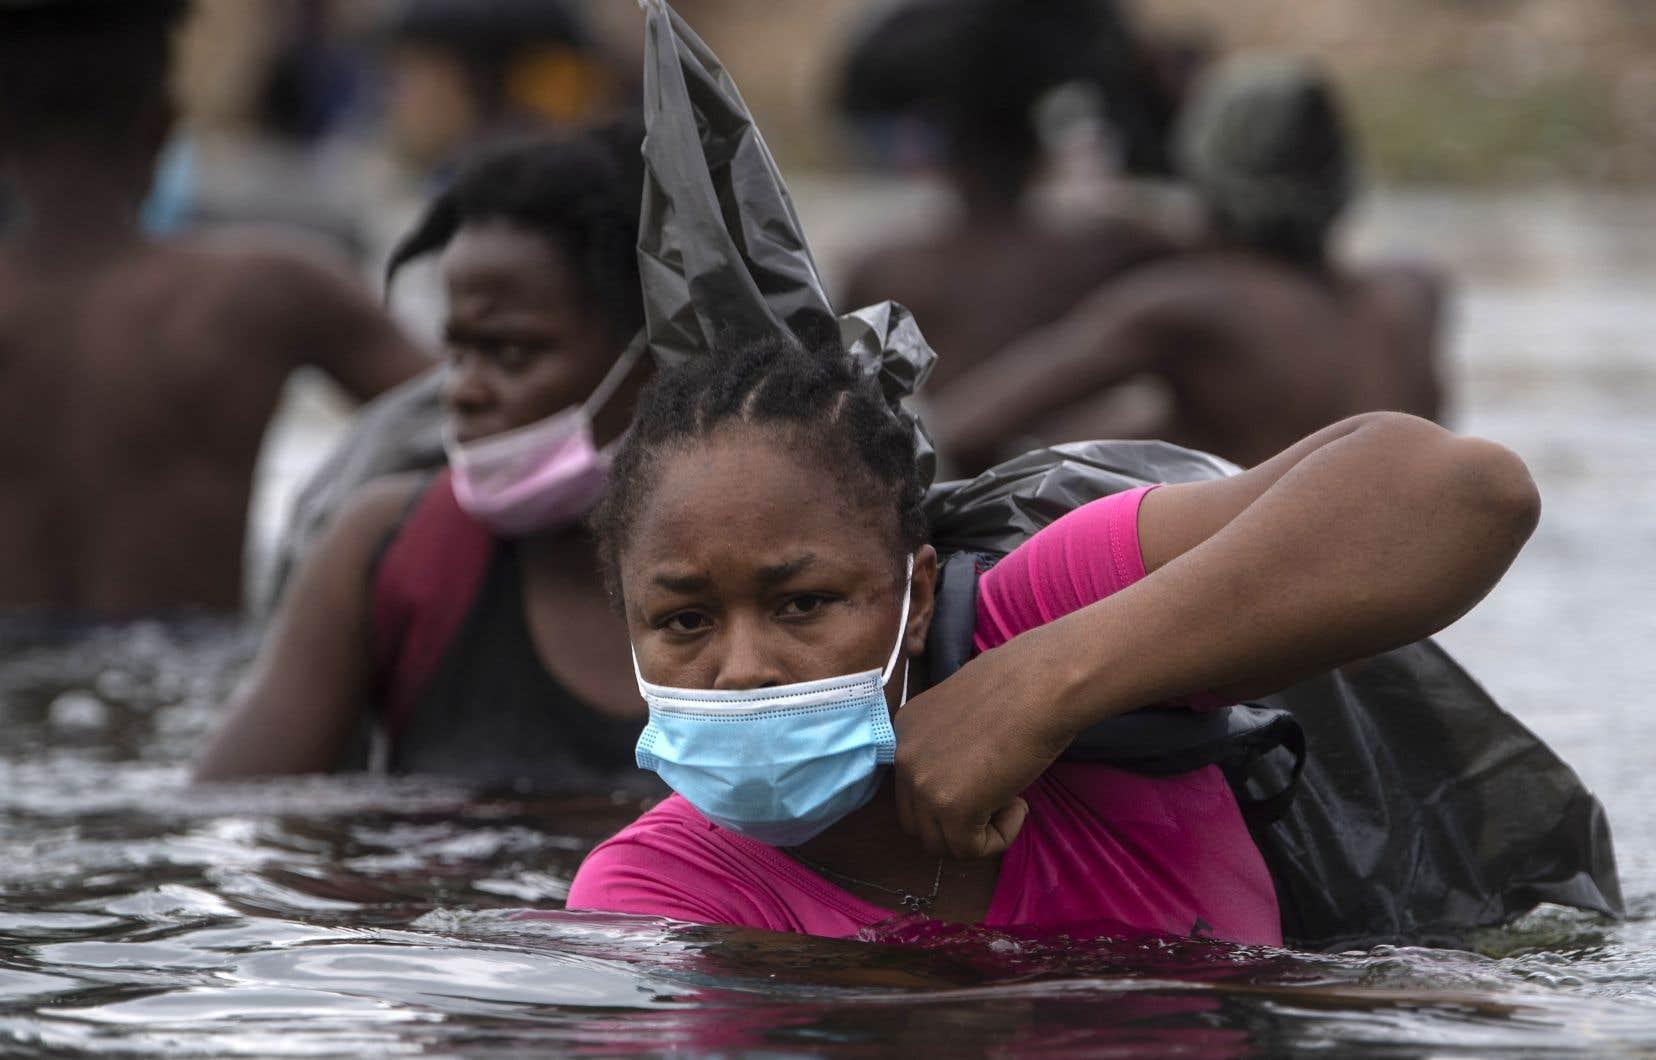 Des migrants haïtiens traversent le Rio Grande pour atteindre Ciudad Acuña. Dans ce climat d'anxiété, ils trouvent un peu de réconfort dans la générosité spontanée des habitants de cette ville mexicaine, qui leur apportent de la nourriture, des boissons, des vêtements et des produits d'hygiène.